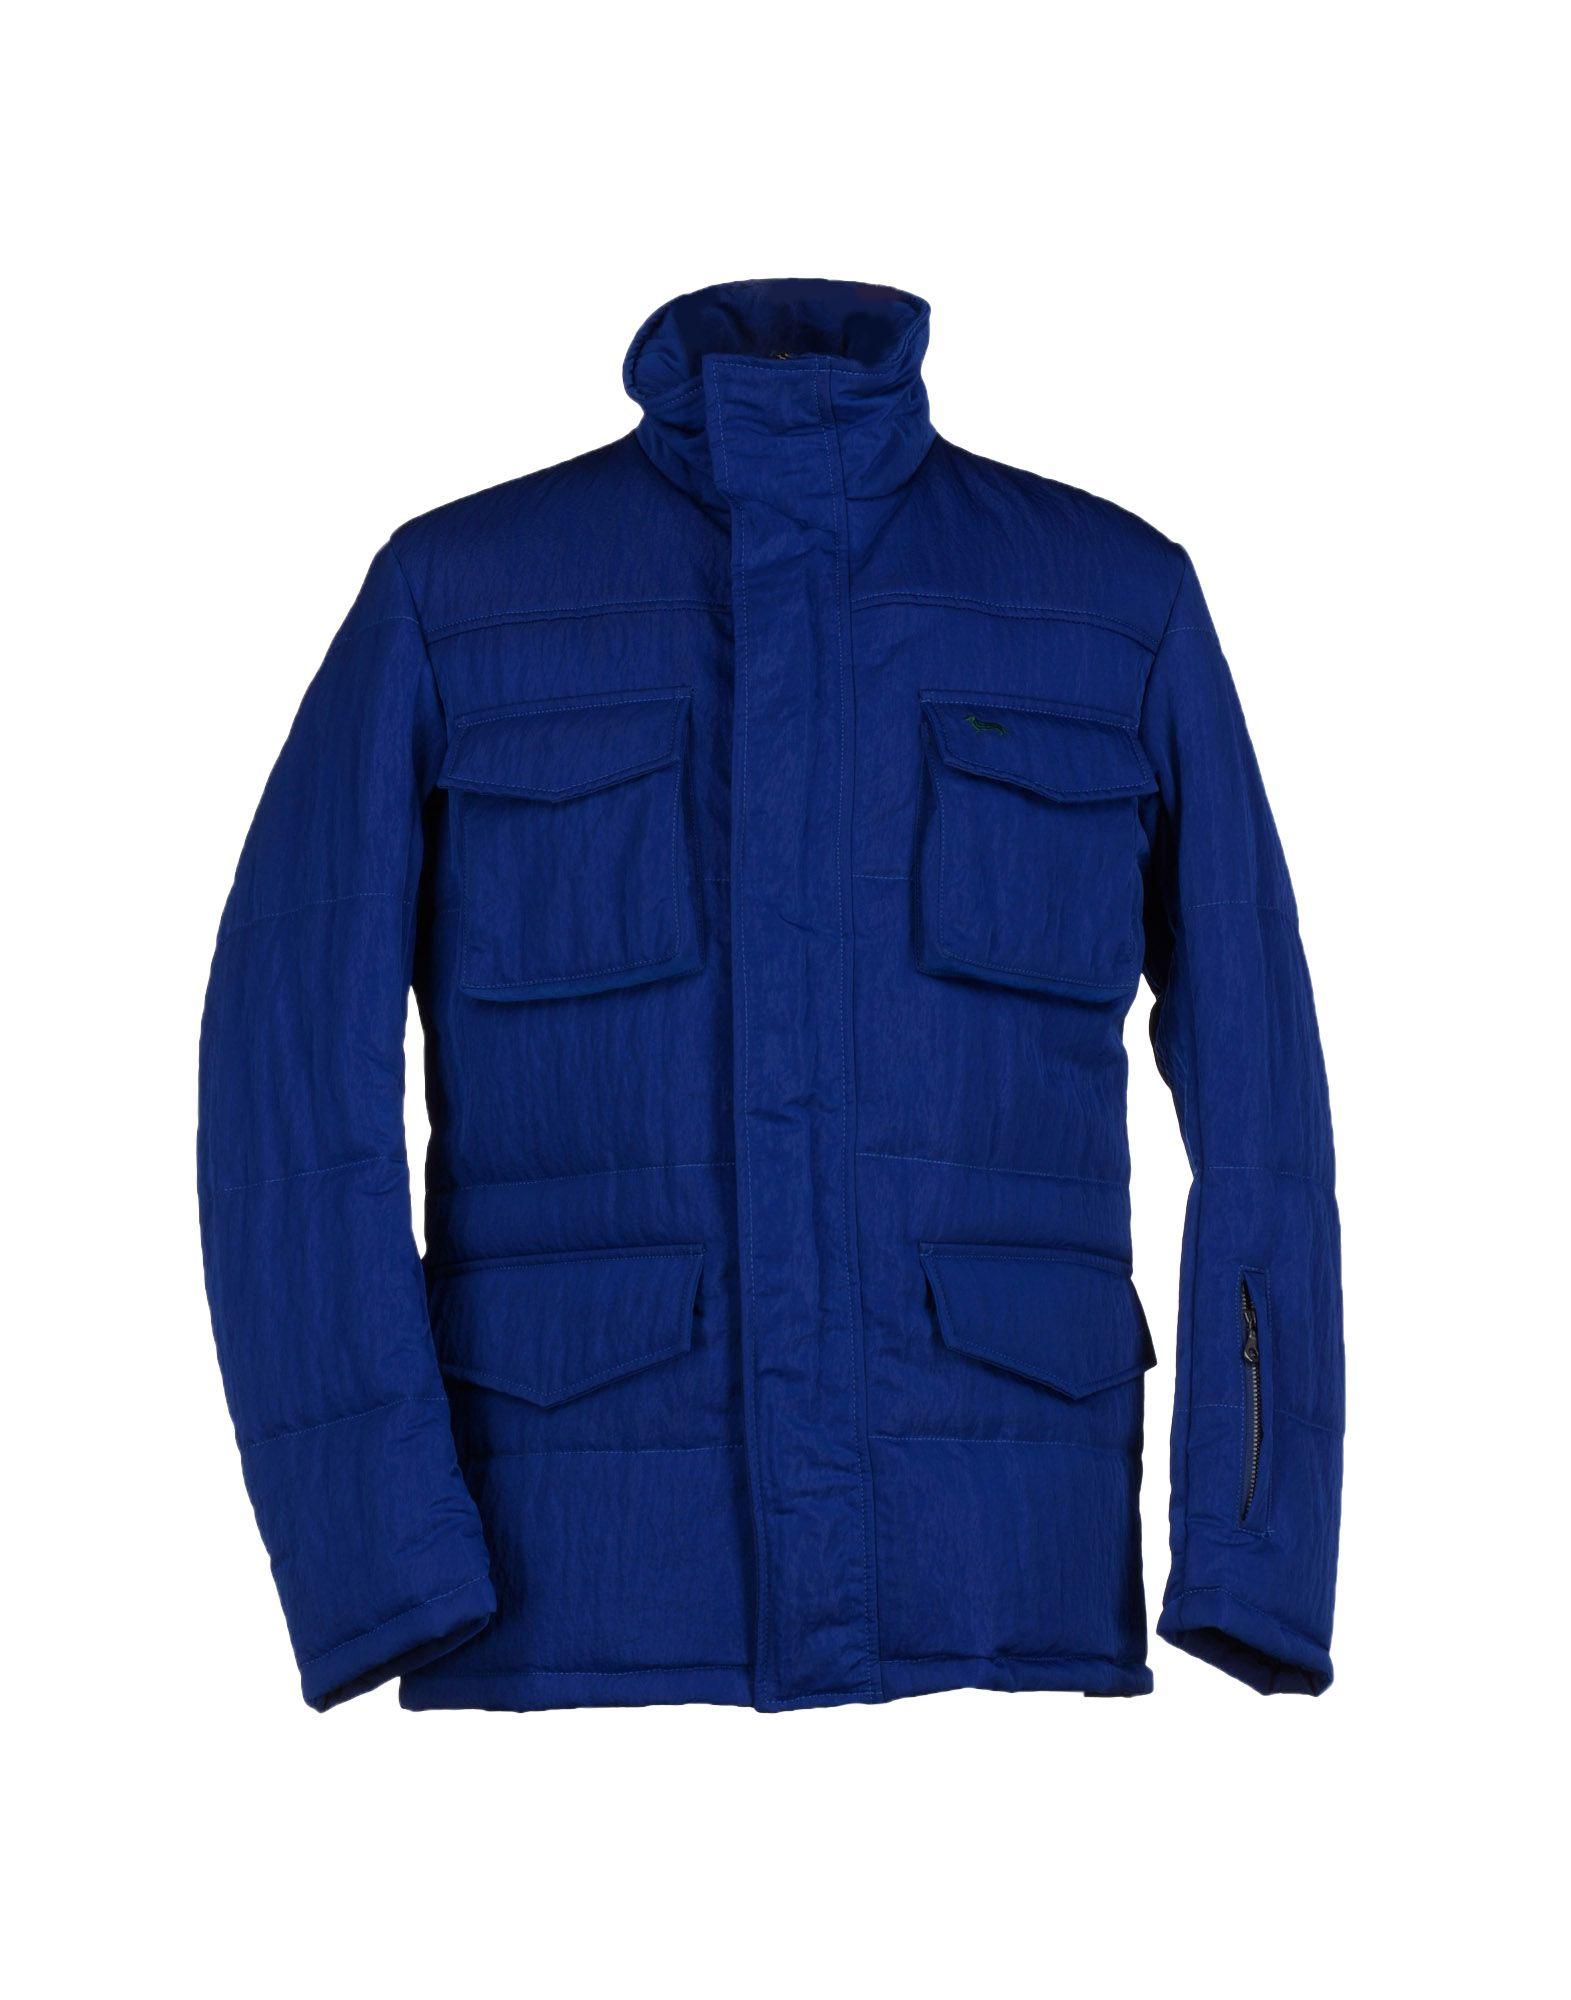 harmont and blaine jacket - photo #10